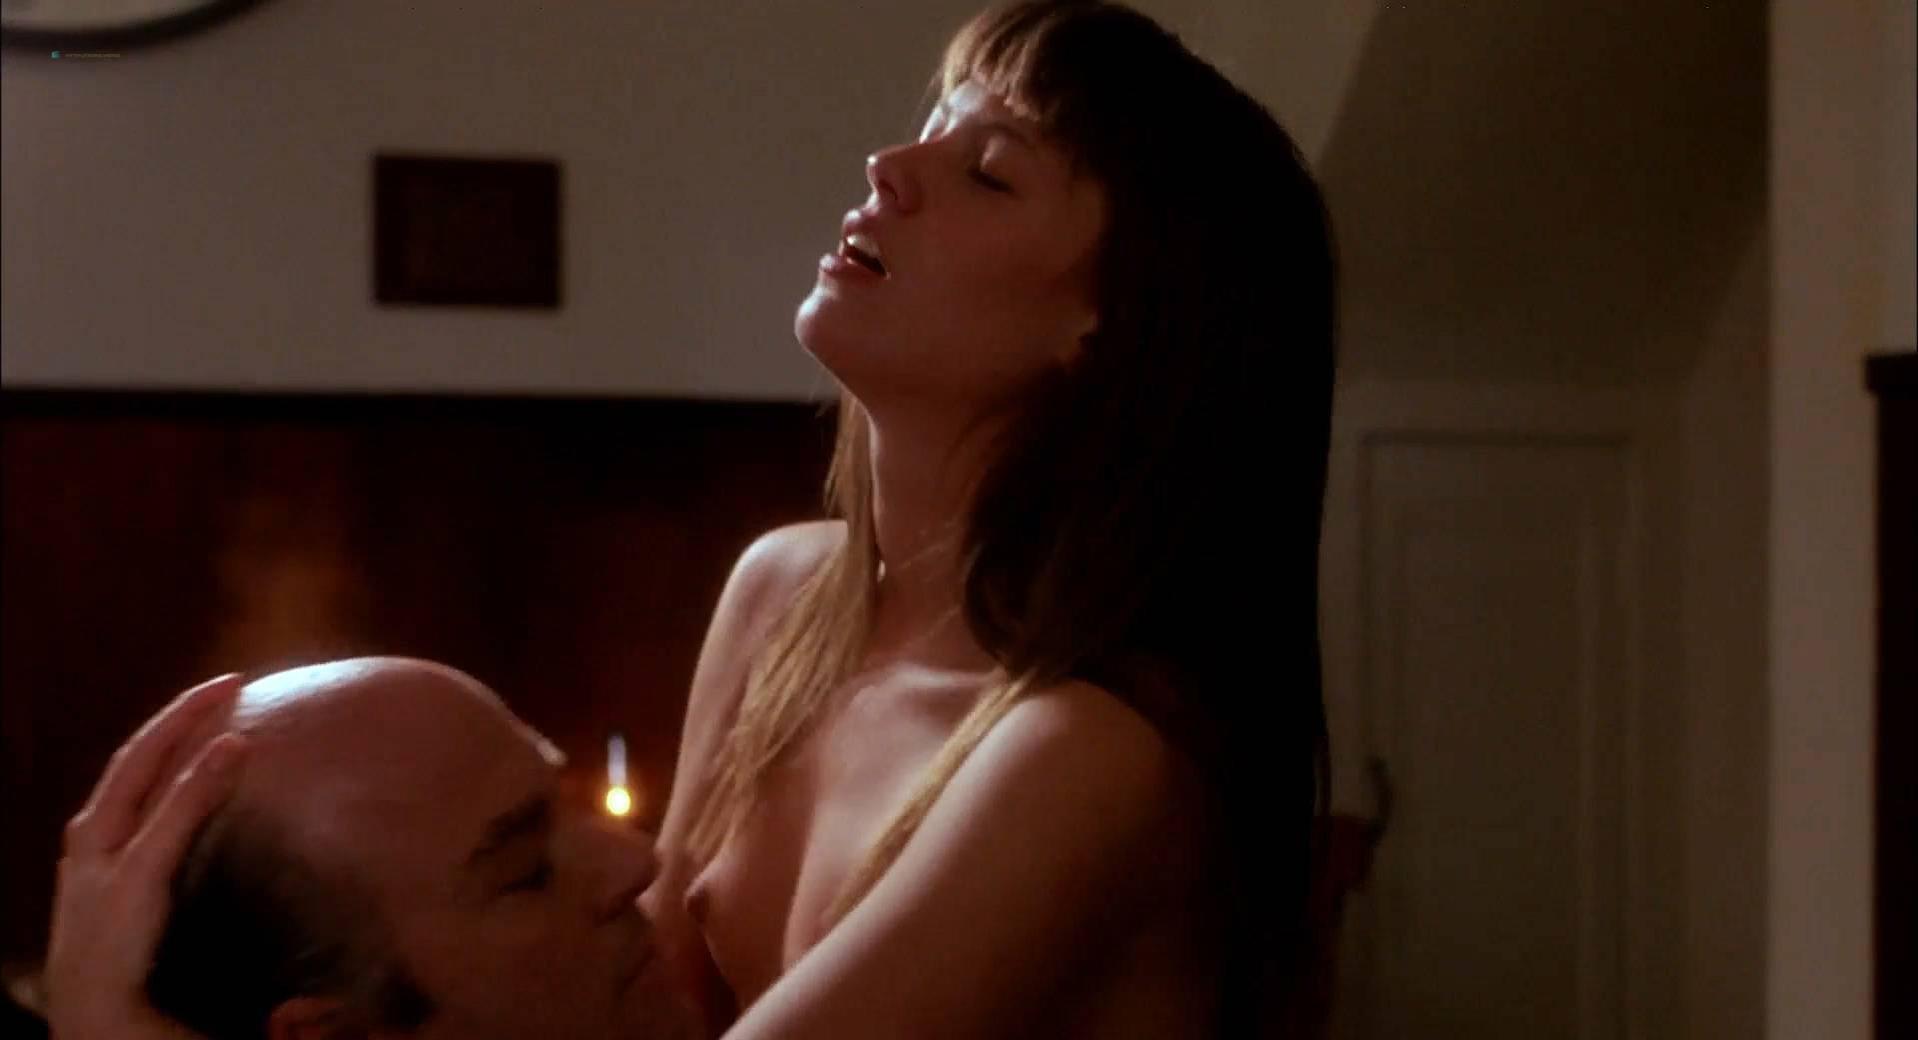 Nude Video Celebs Samantha Phillips Nude Phantasm